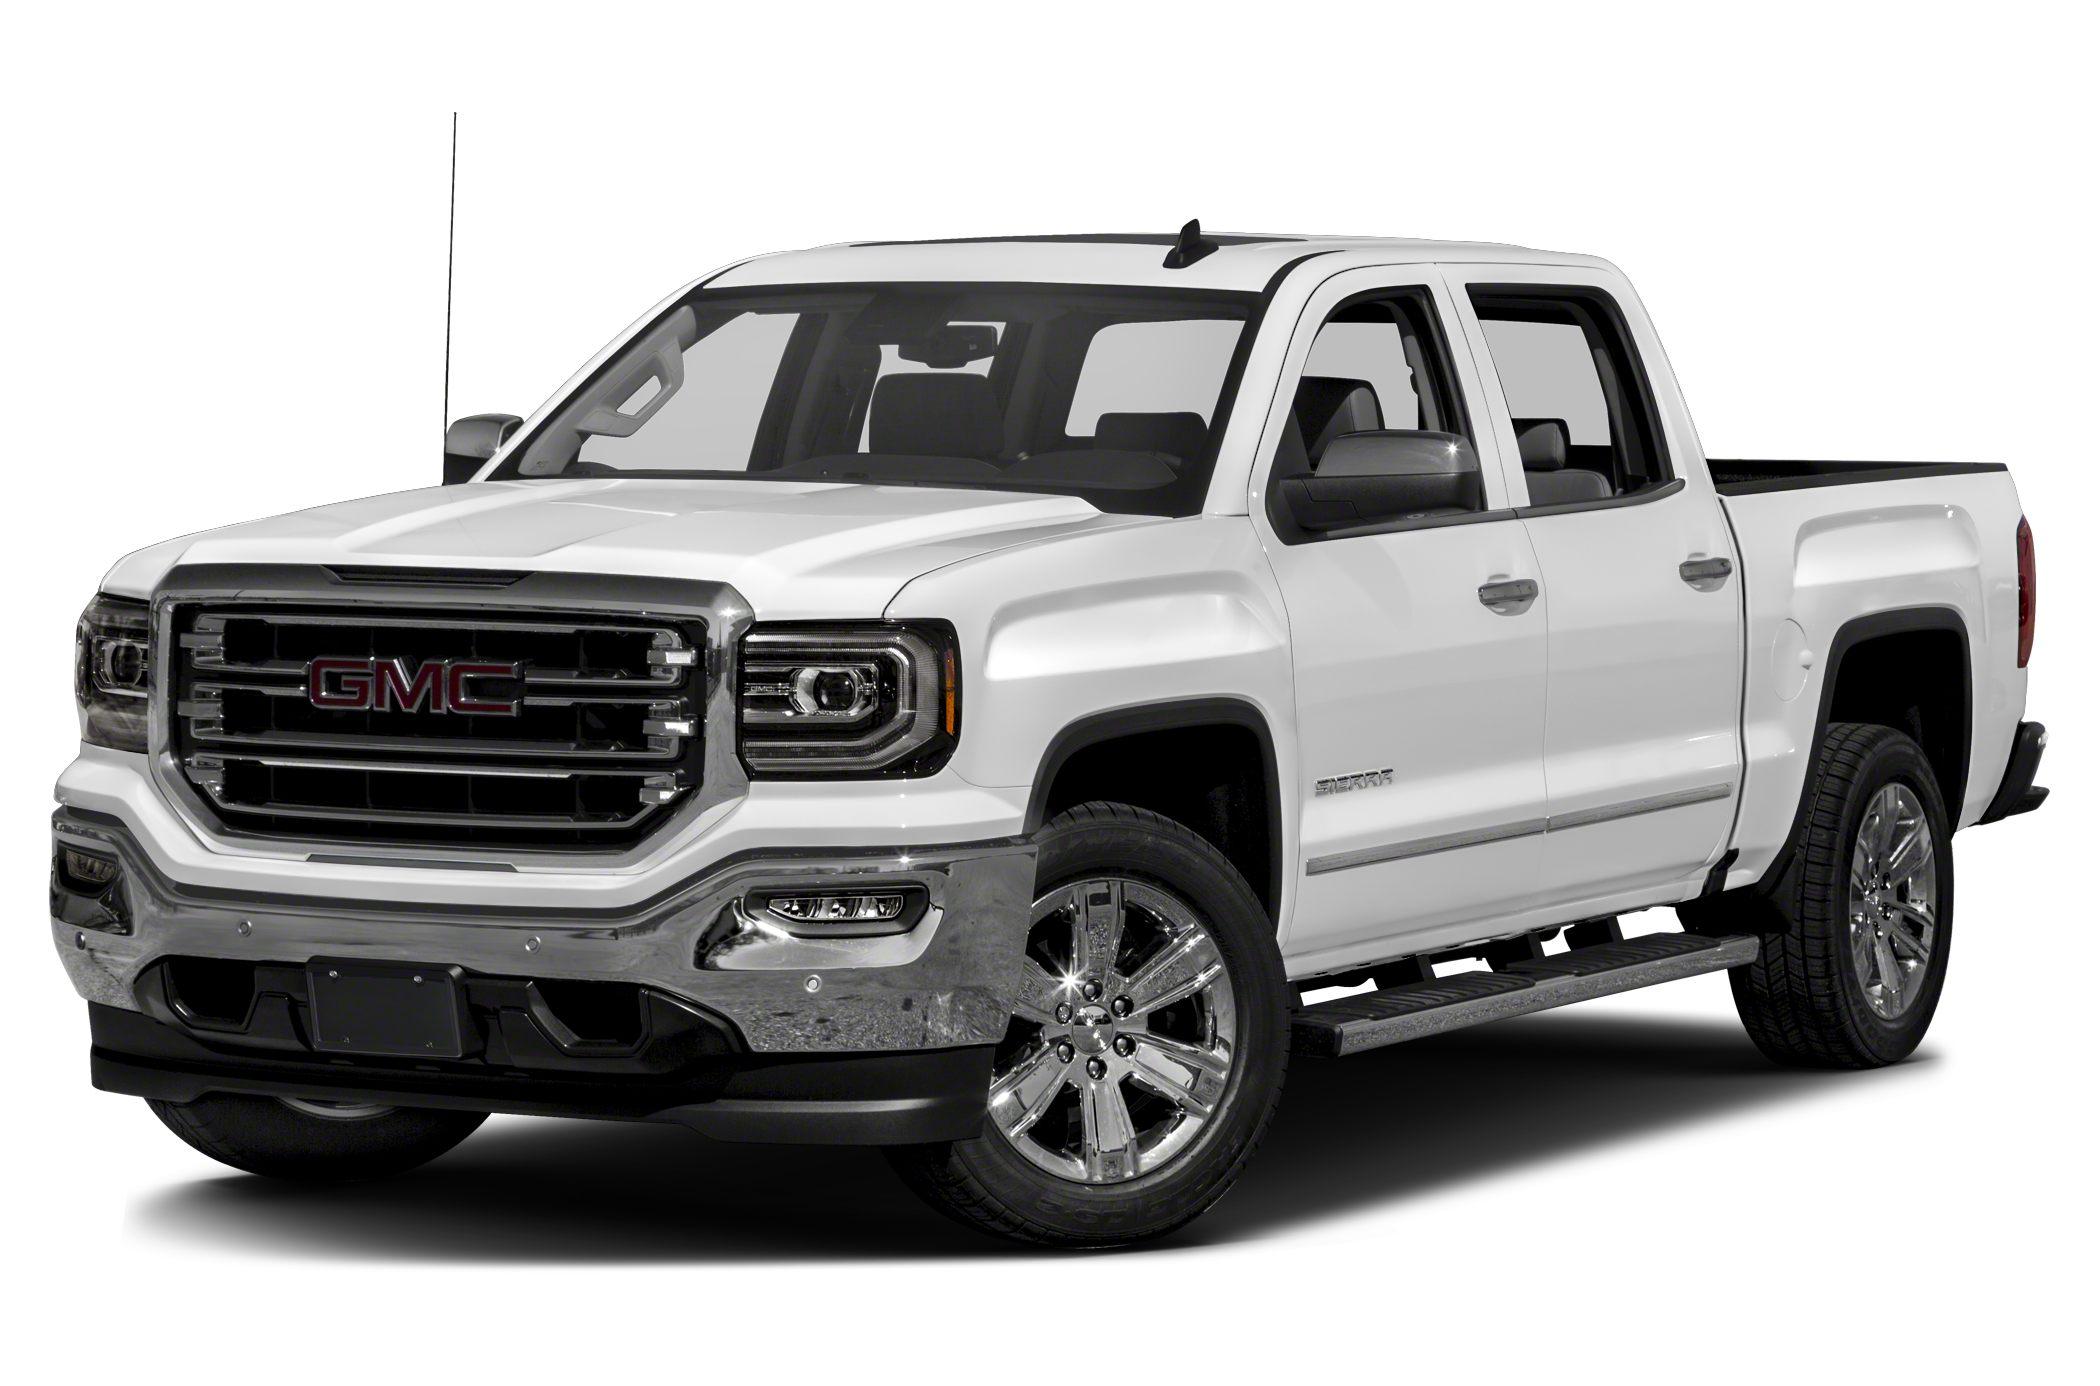 2018 GMC Sierra 1500 SLT Miles 0Stock 107285 VIN 3GTU2NEC4JG107285